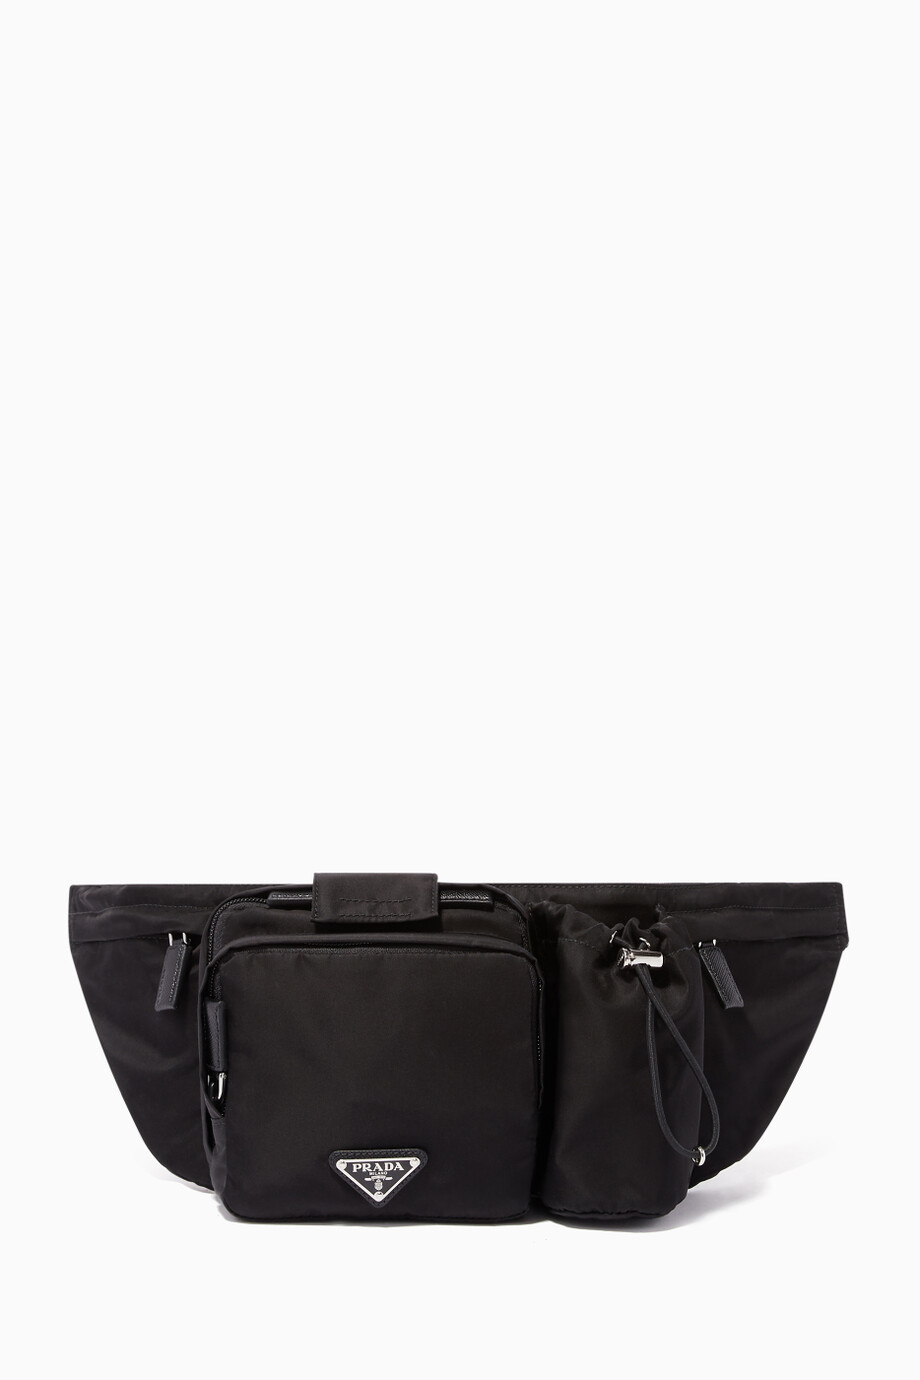 6ac91052ab90c Shop Prada Black Triangle Logo Nylon Utility Belt Bag for Men | Ounass